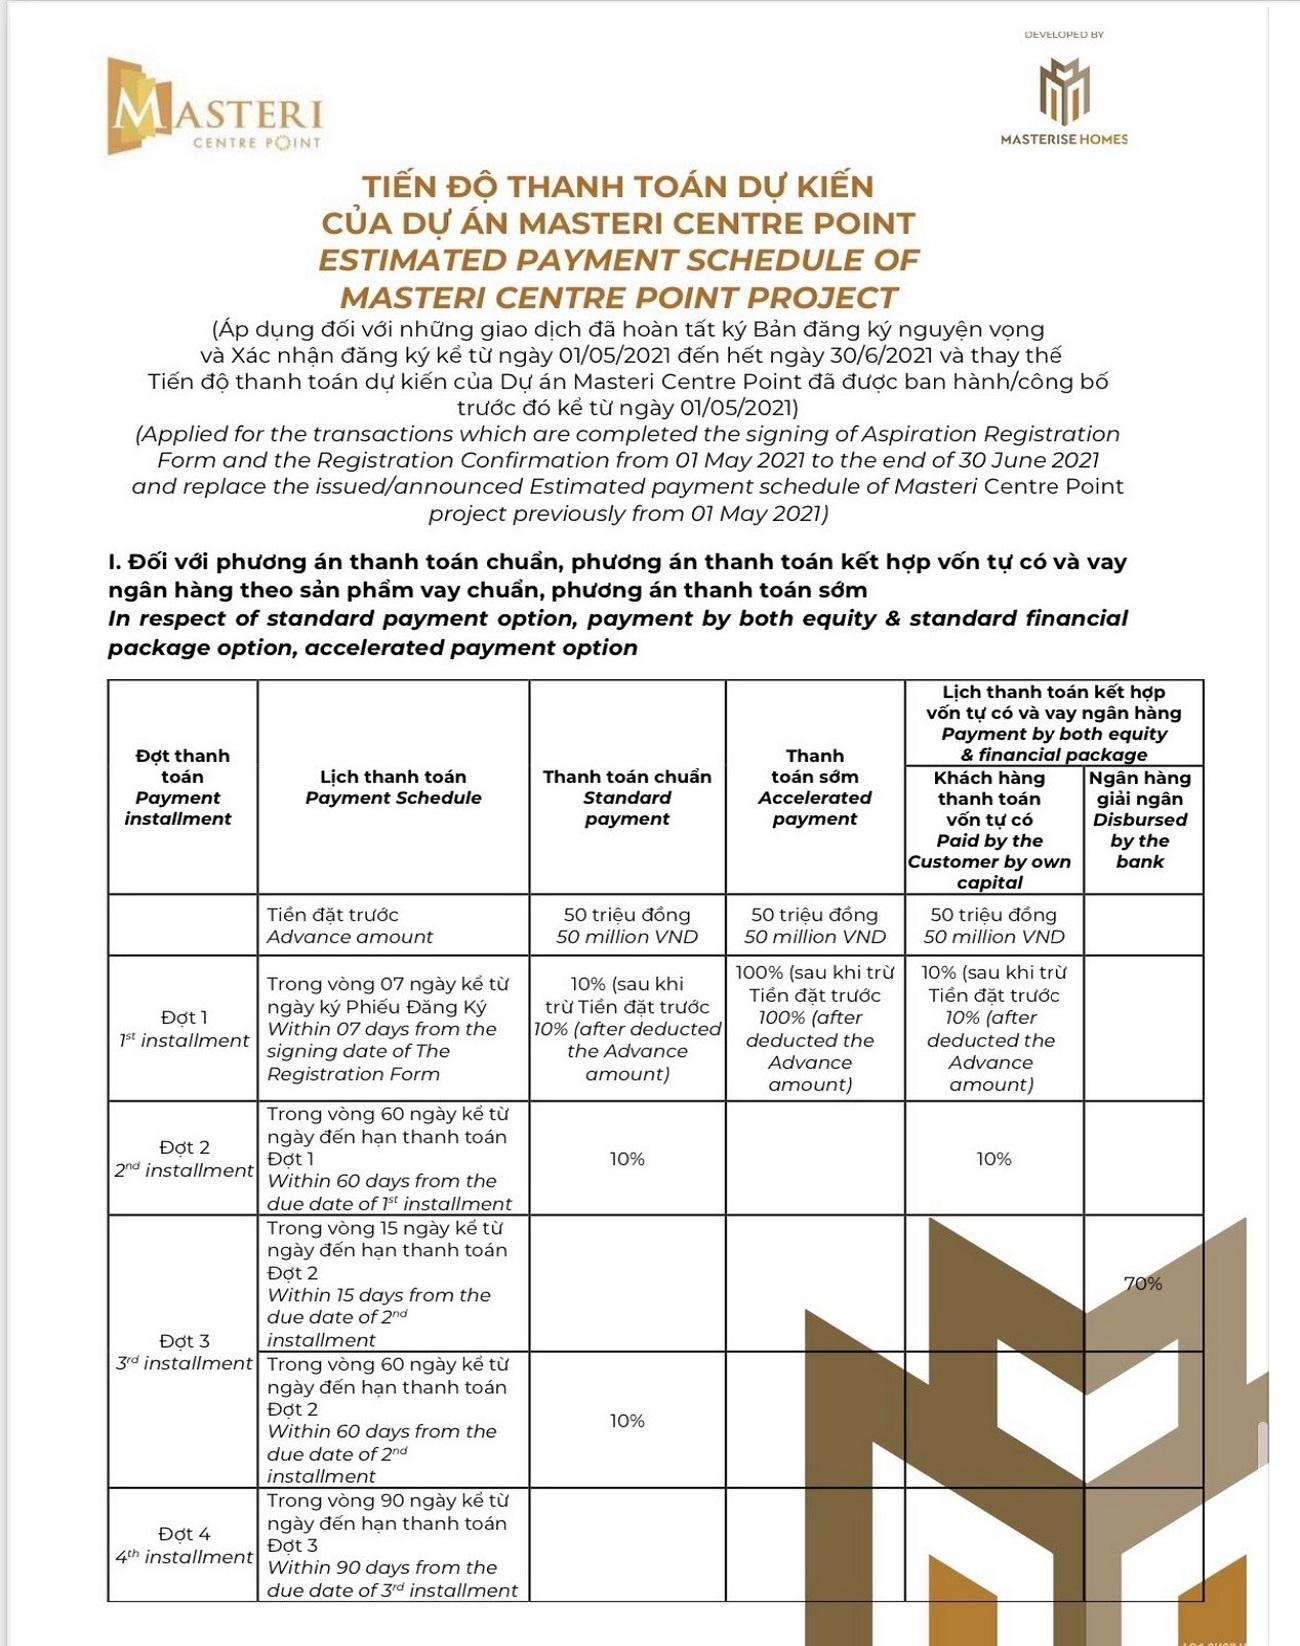 Phương thức thanh toán dự án căn hộ chung cư Masteri Centre Point Quận 9 Đường Nguyễn Xiển chủ đầu tư Masterise Homes